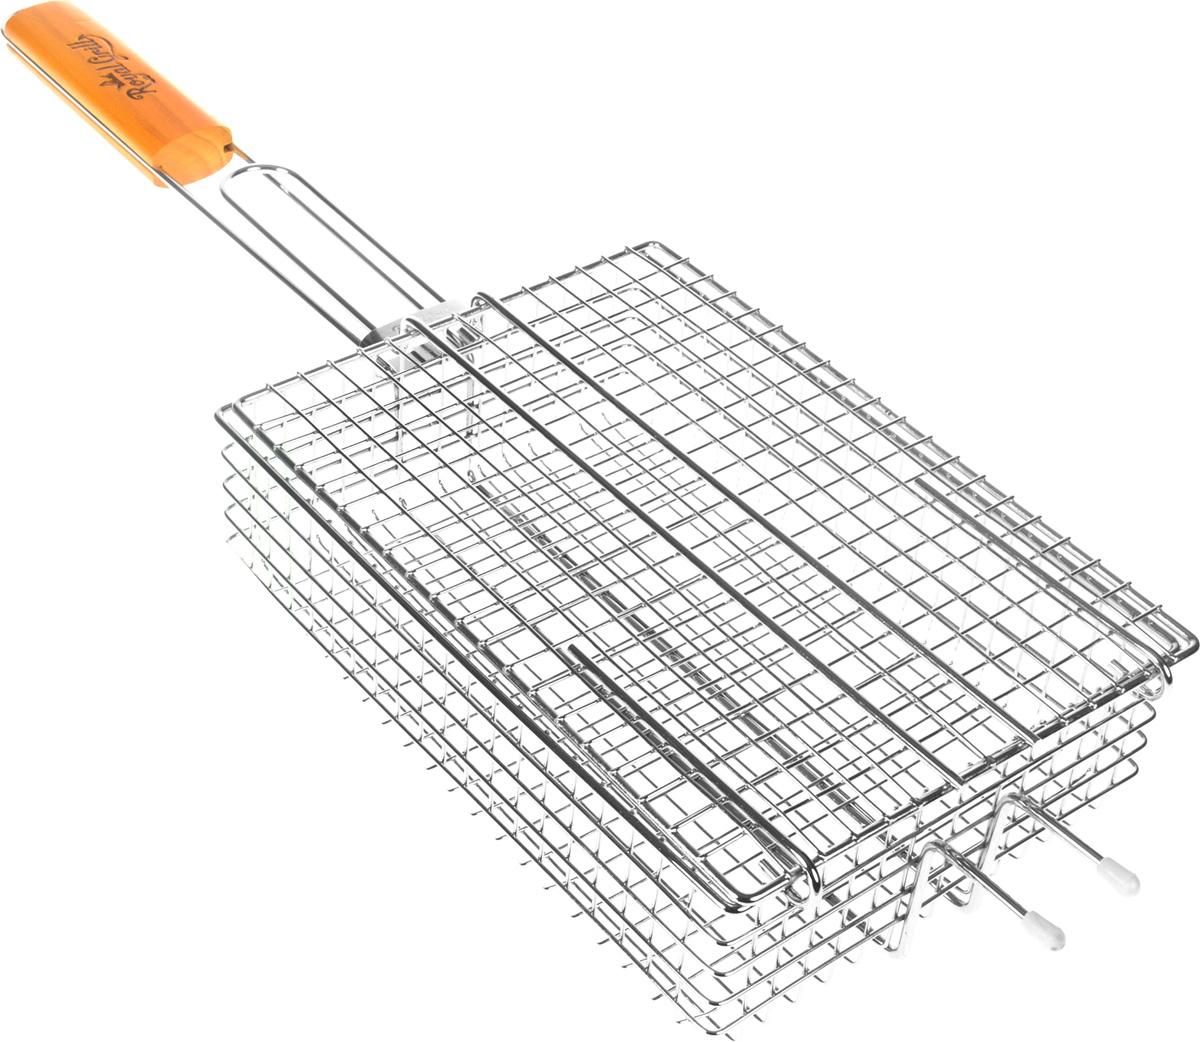 Решетка-гриль для мелких кусочков RoyalGrill, глубокая, 25,5 х 18 см391602Глубокая решетка-гриль RoyalGrill изготовлена из высококачественной пищевой стали, а рукоятка выполнена из дерева. Изделие имеет съемную крышку, которая фиксируется с помощью кольца. Решетка предназначена для приготовления мелких кусочков мяса, птицы, рыбы, овощей. Надежная конструкция удобна в использовании. Размер решетки: 25,5 х 18 х 8 см. Длина (с ручкой): 60 см.